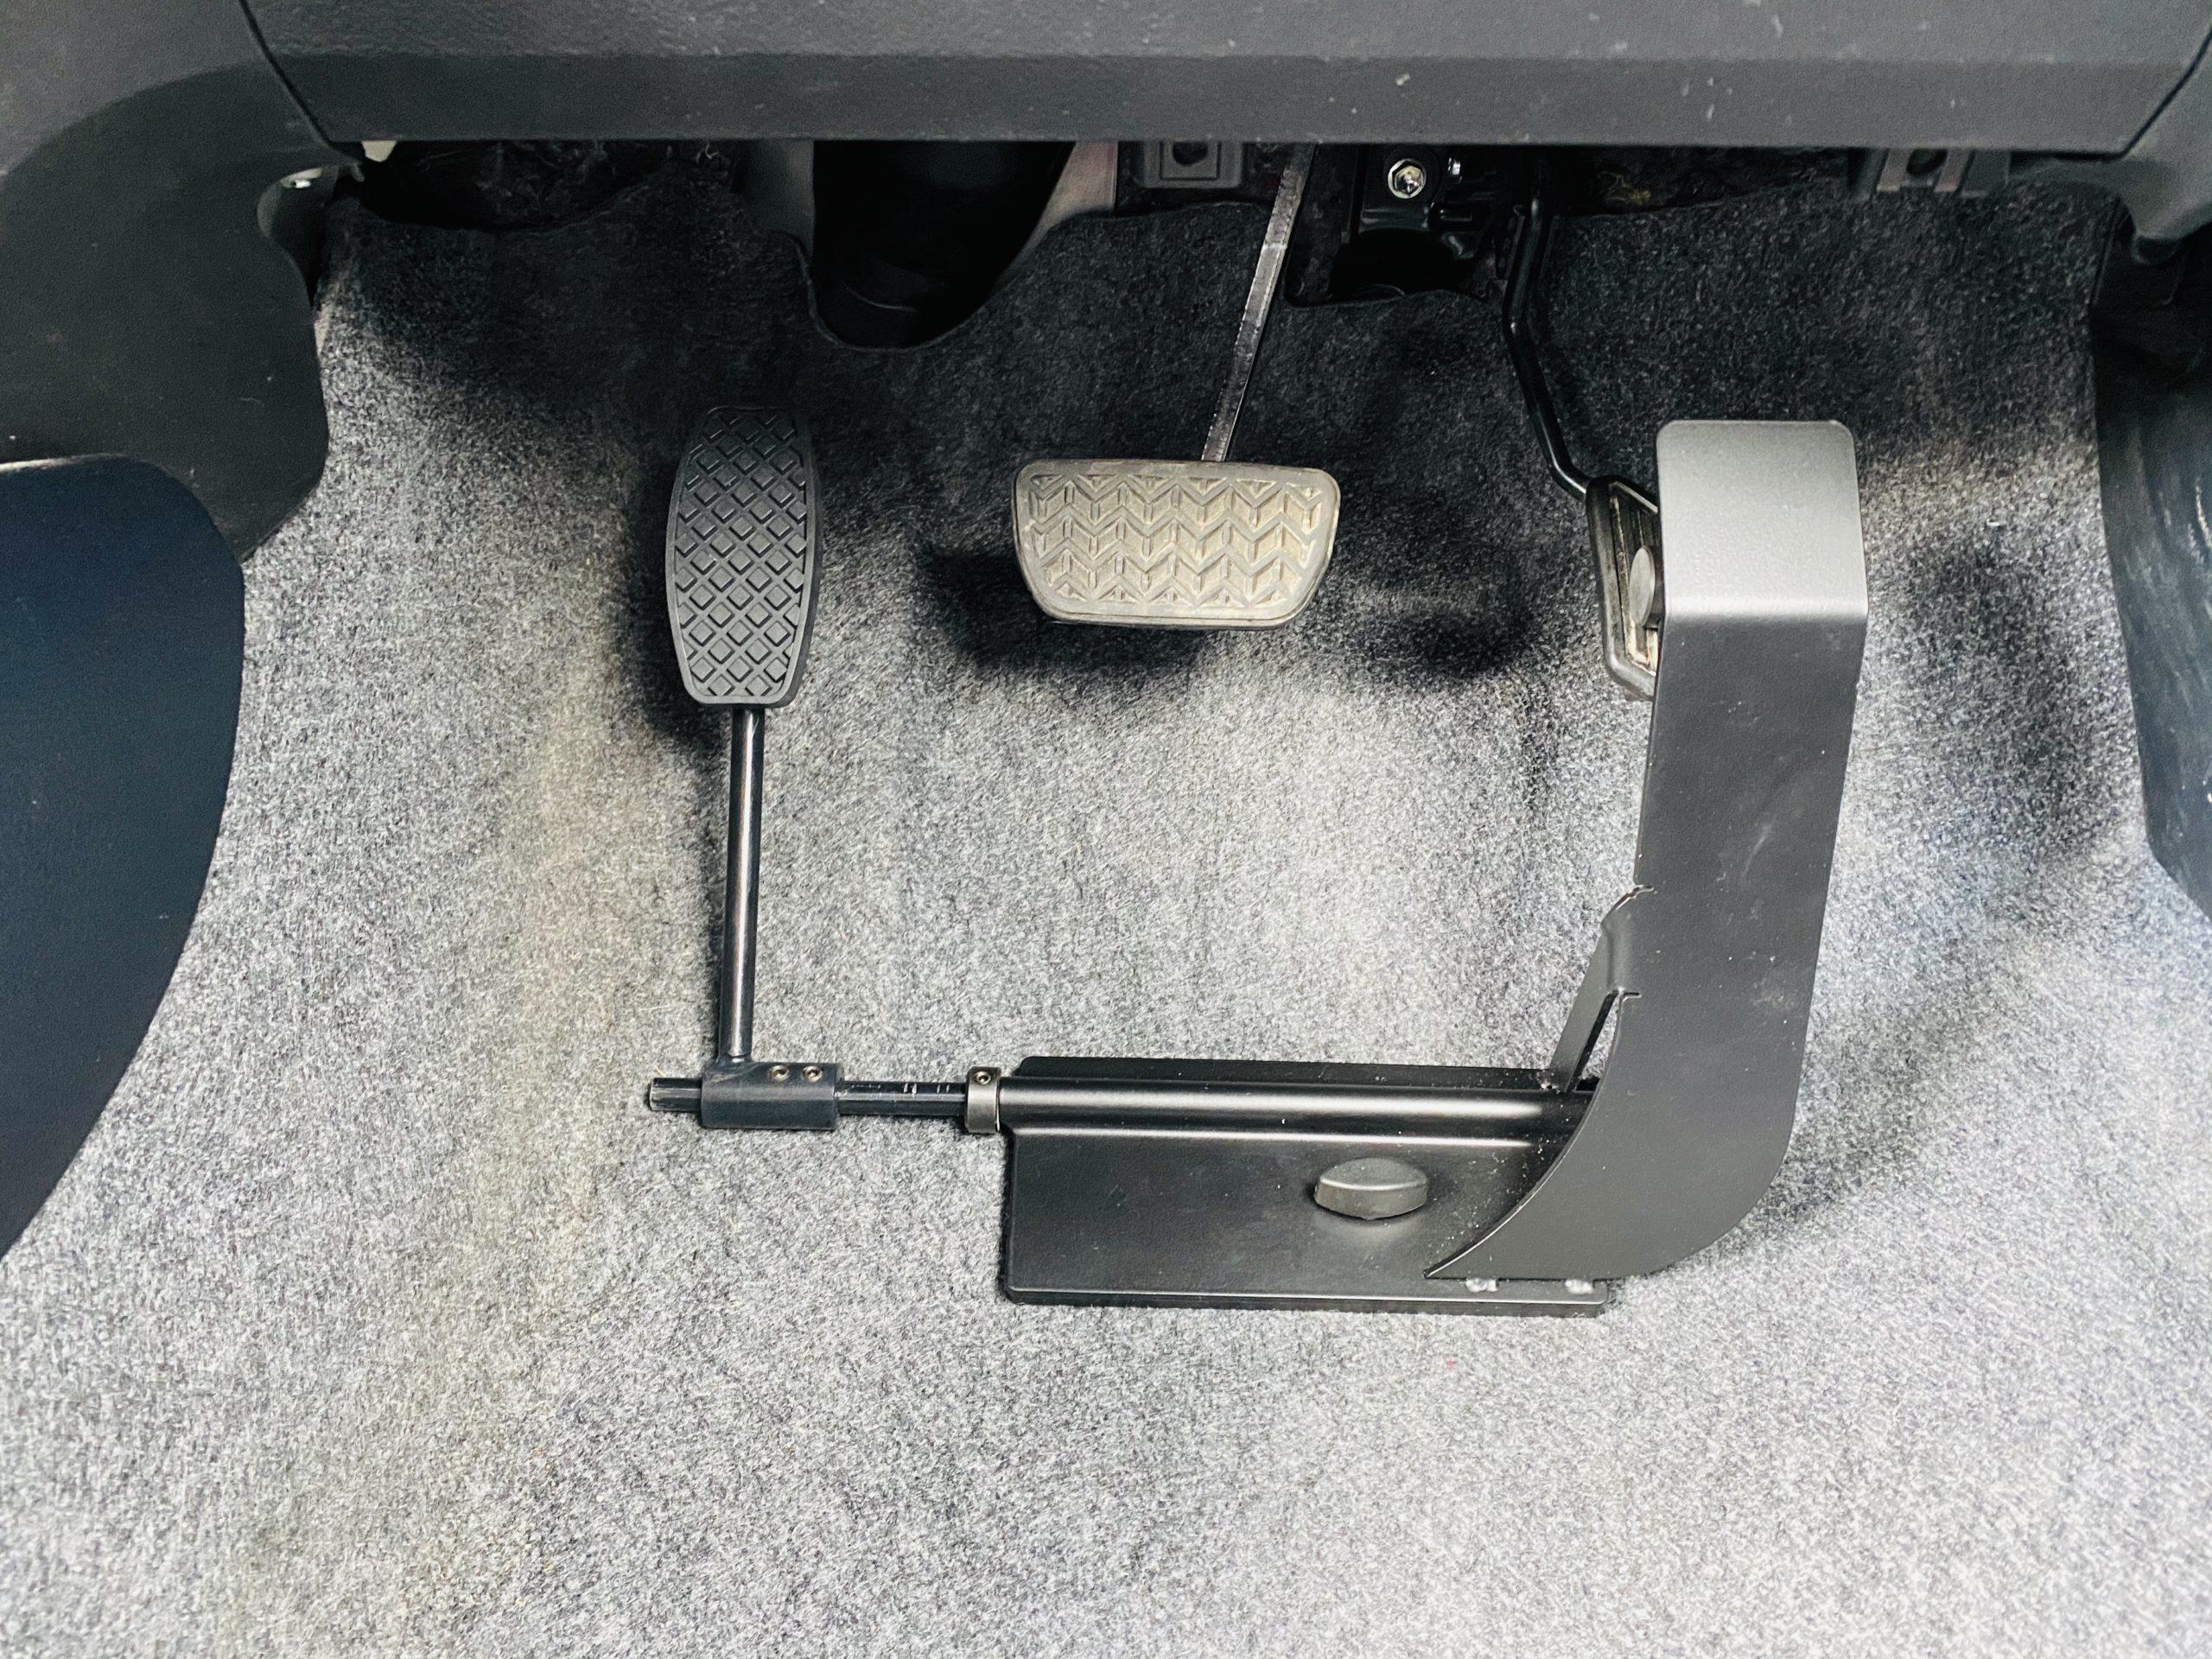 福祉車両改造 トヨタ ヴィッツ 左足アクセル 福祉車両への改造 ④